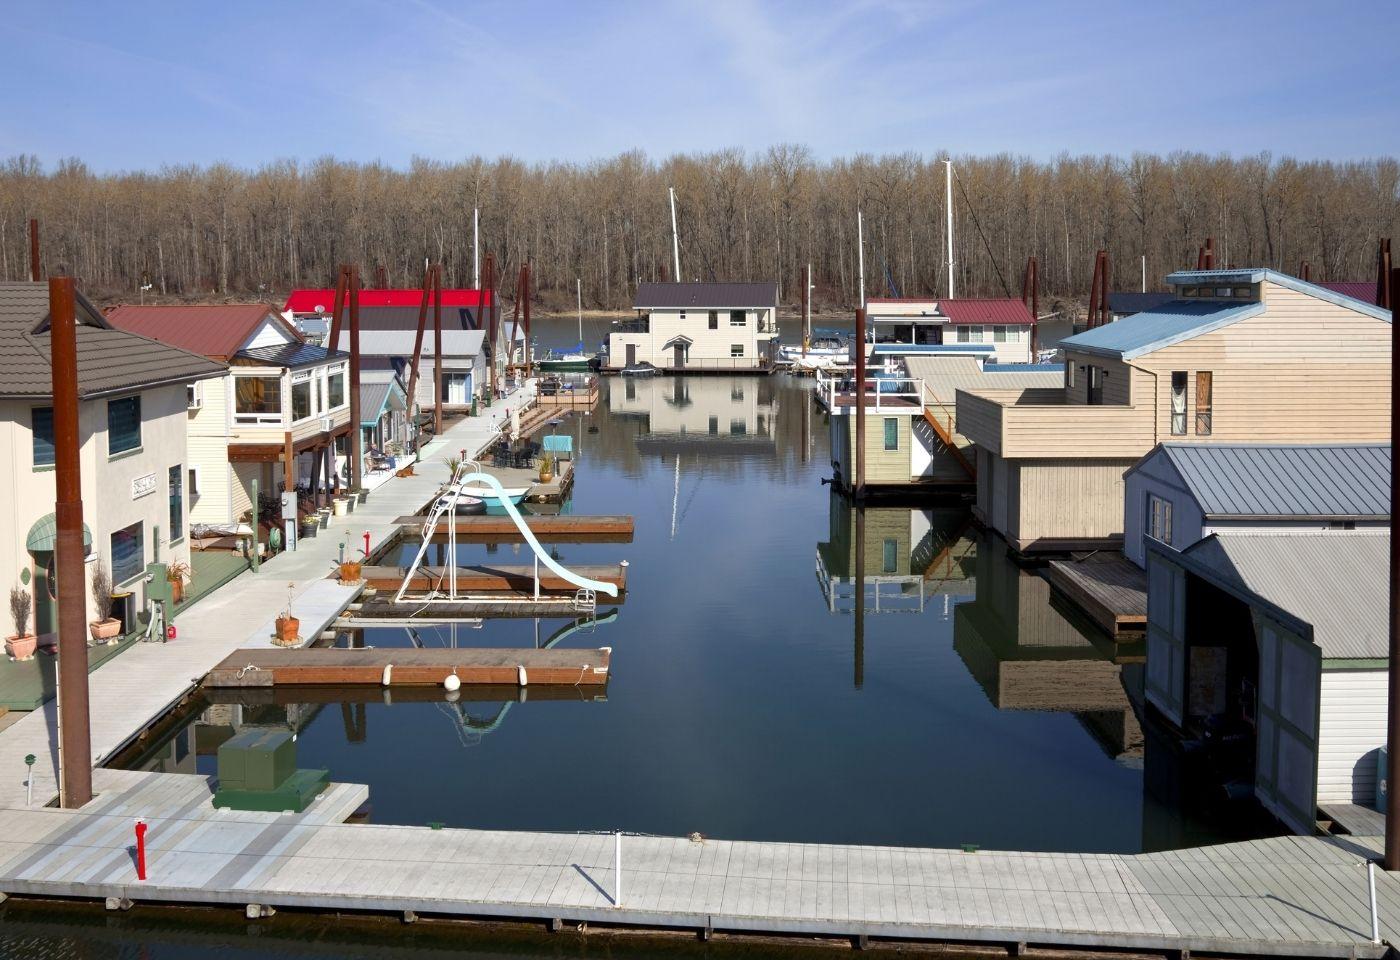 image of Floating Homes in Portland Oregon